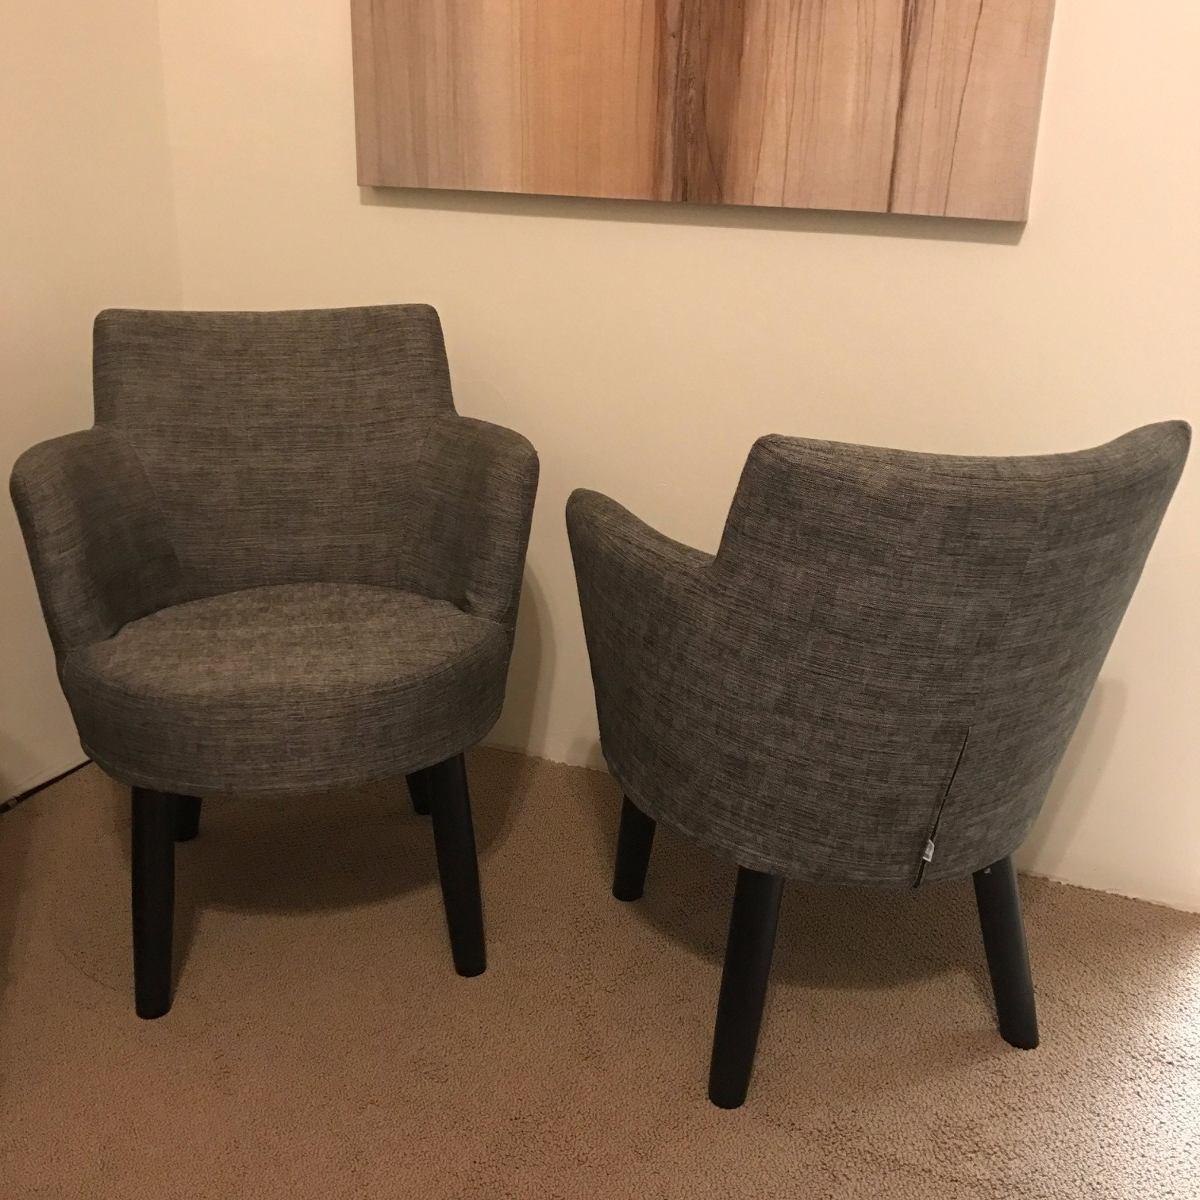 Juego de 2 sillones individuales moda in casa for Juego de sillones para jardin